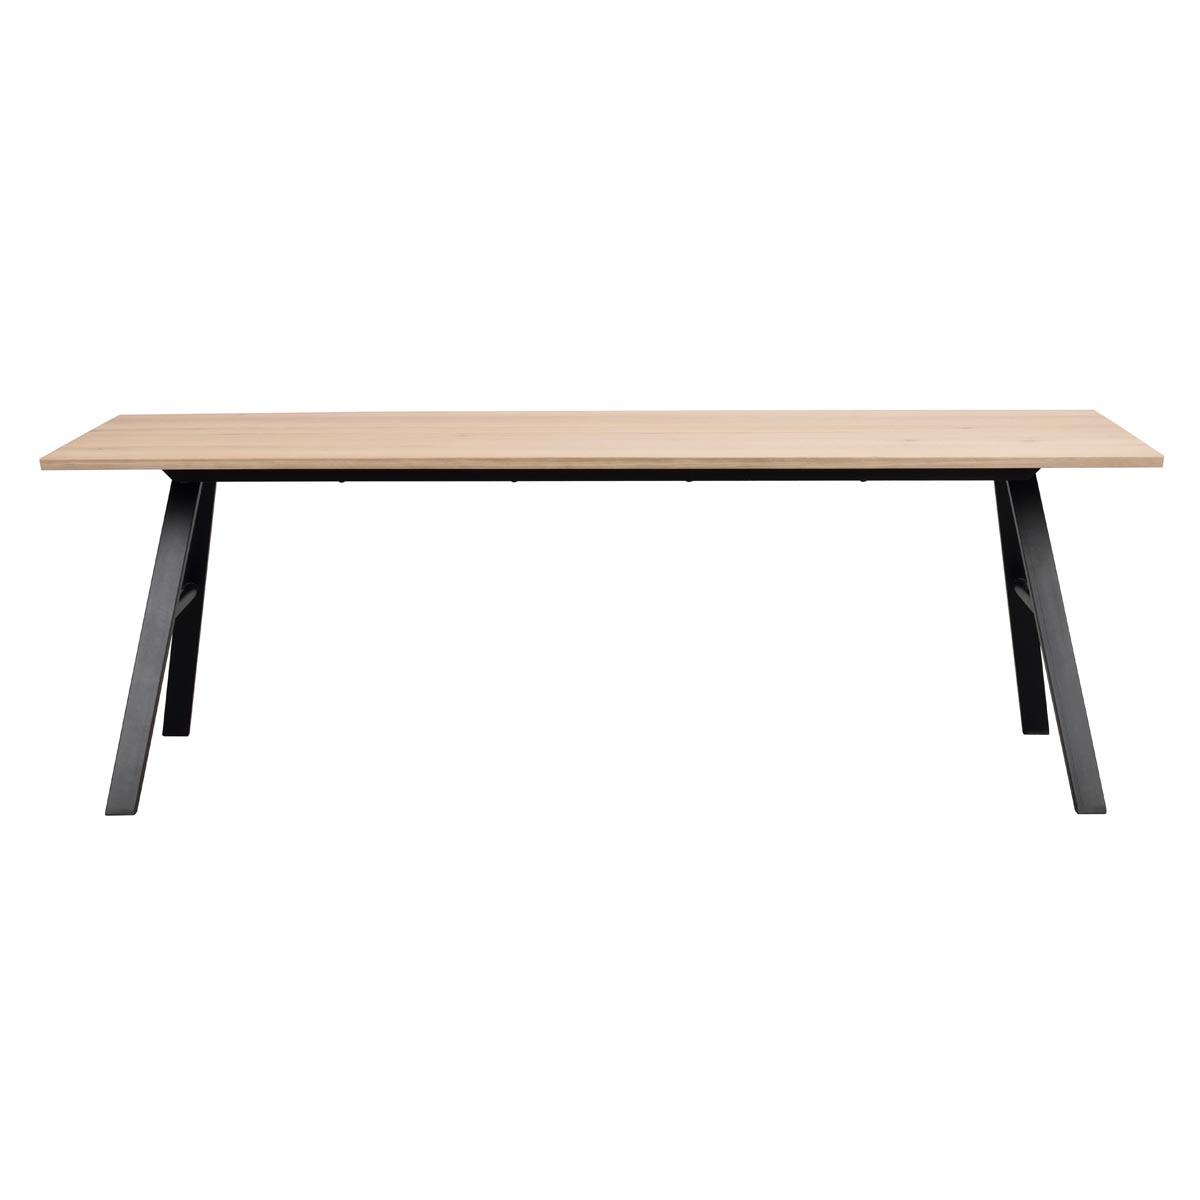 Brigham-matbord-vitpigm-vildek_svartR -119400_a